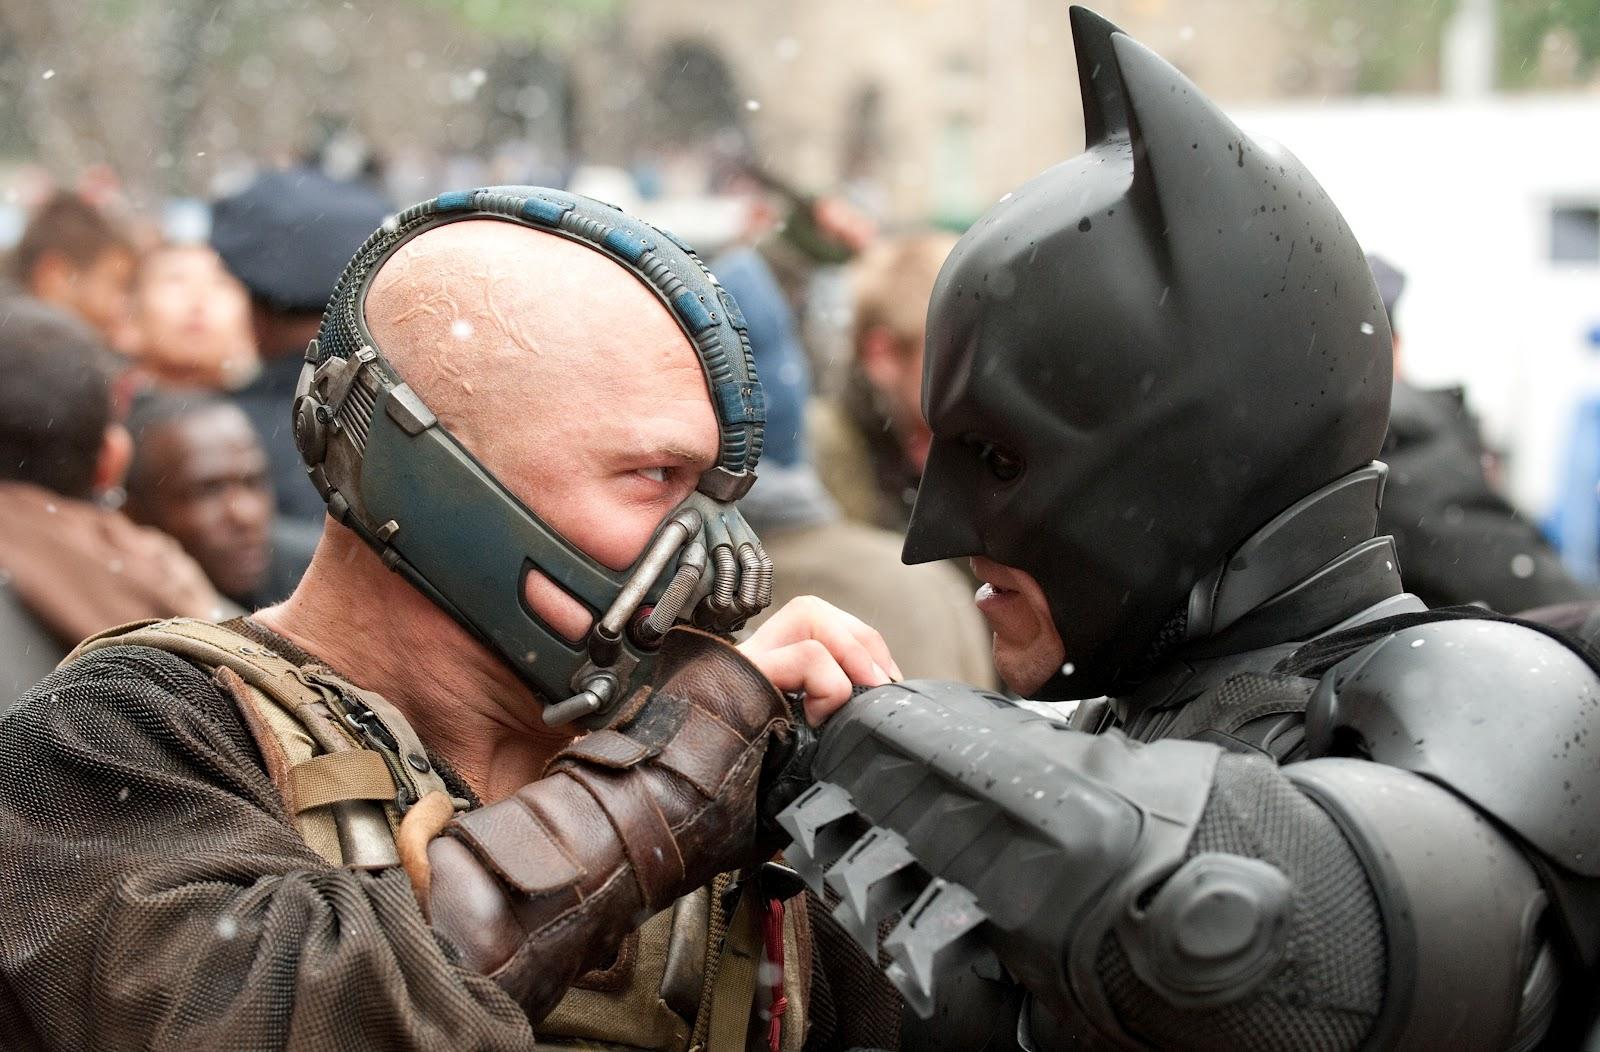 Watch Dark Knight Rises Free Online